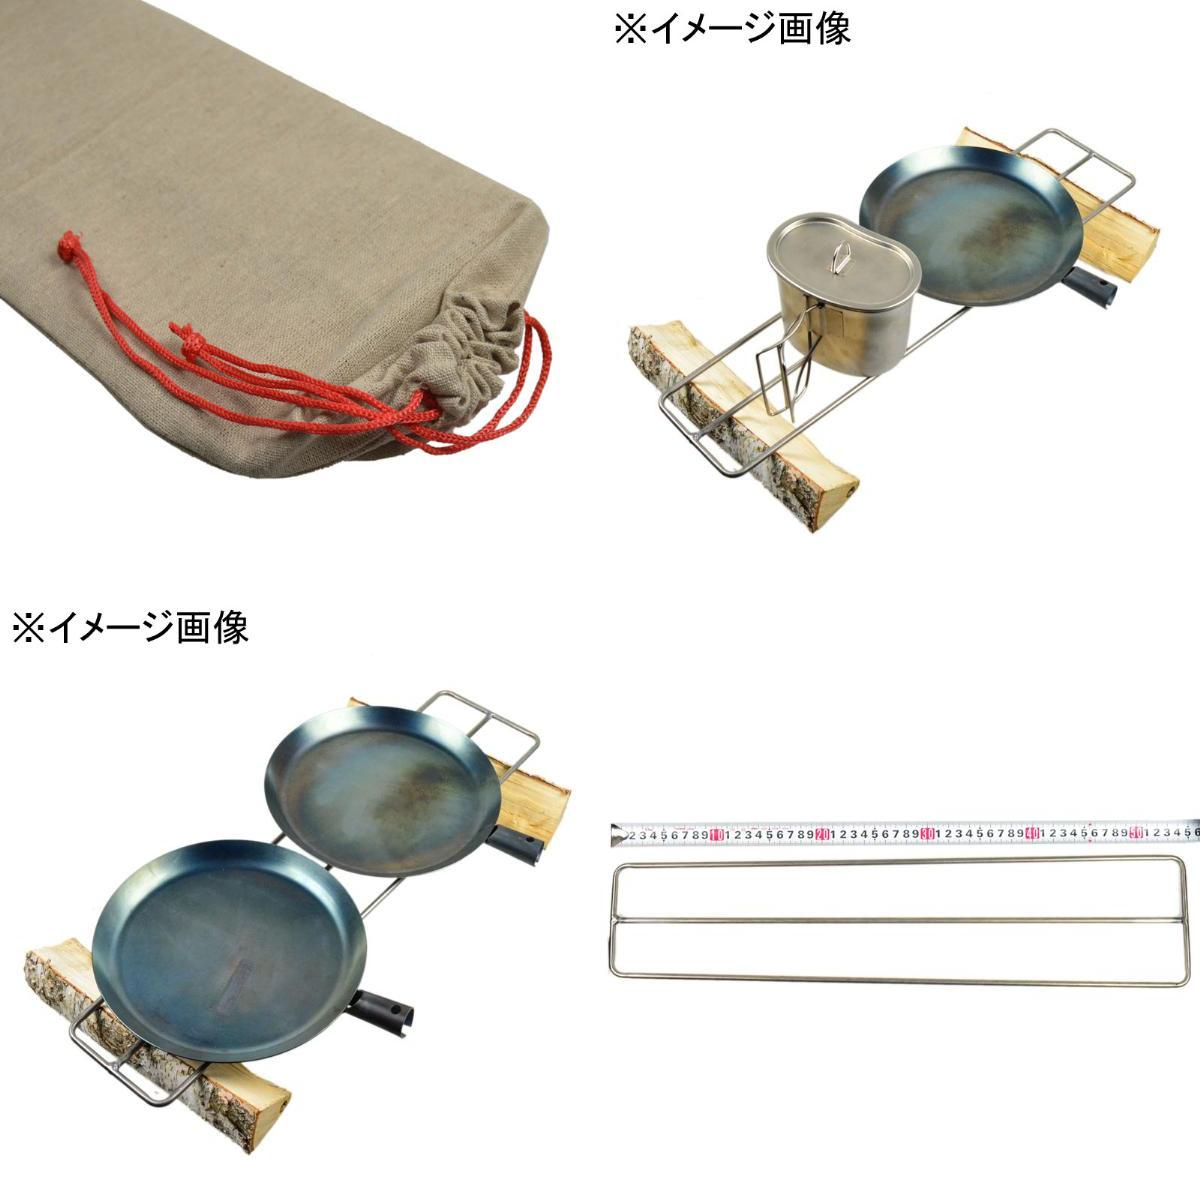 Bush Craft(ブッシュクラフト) たき火ゴトク L 10-03-orig-0005